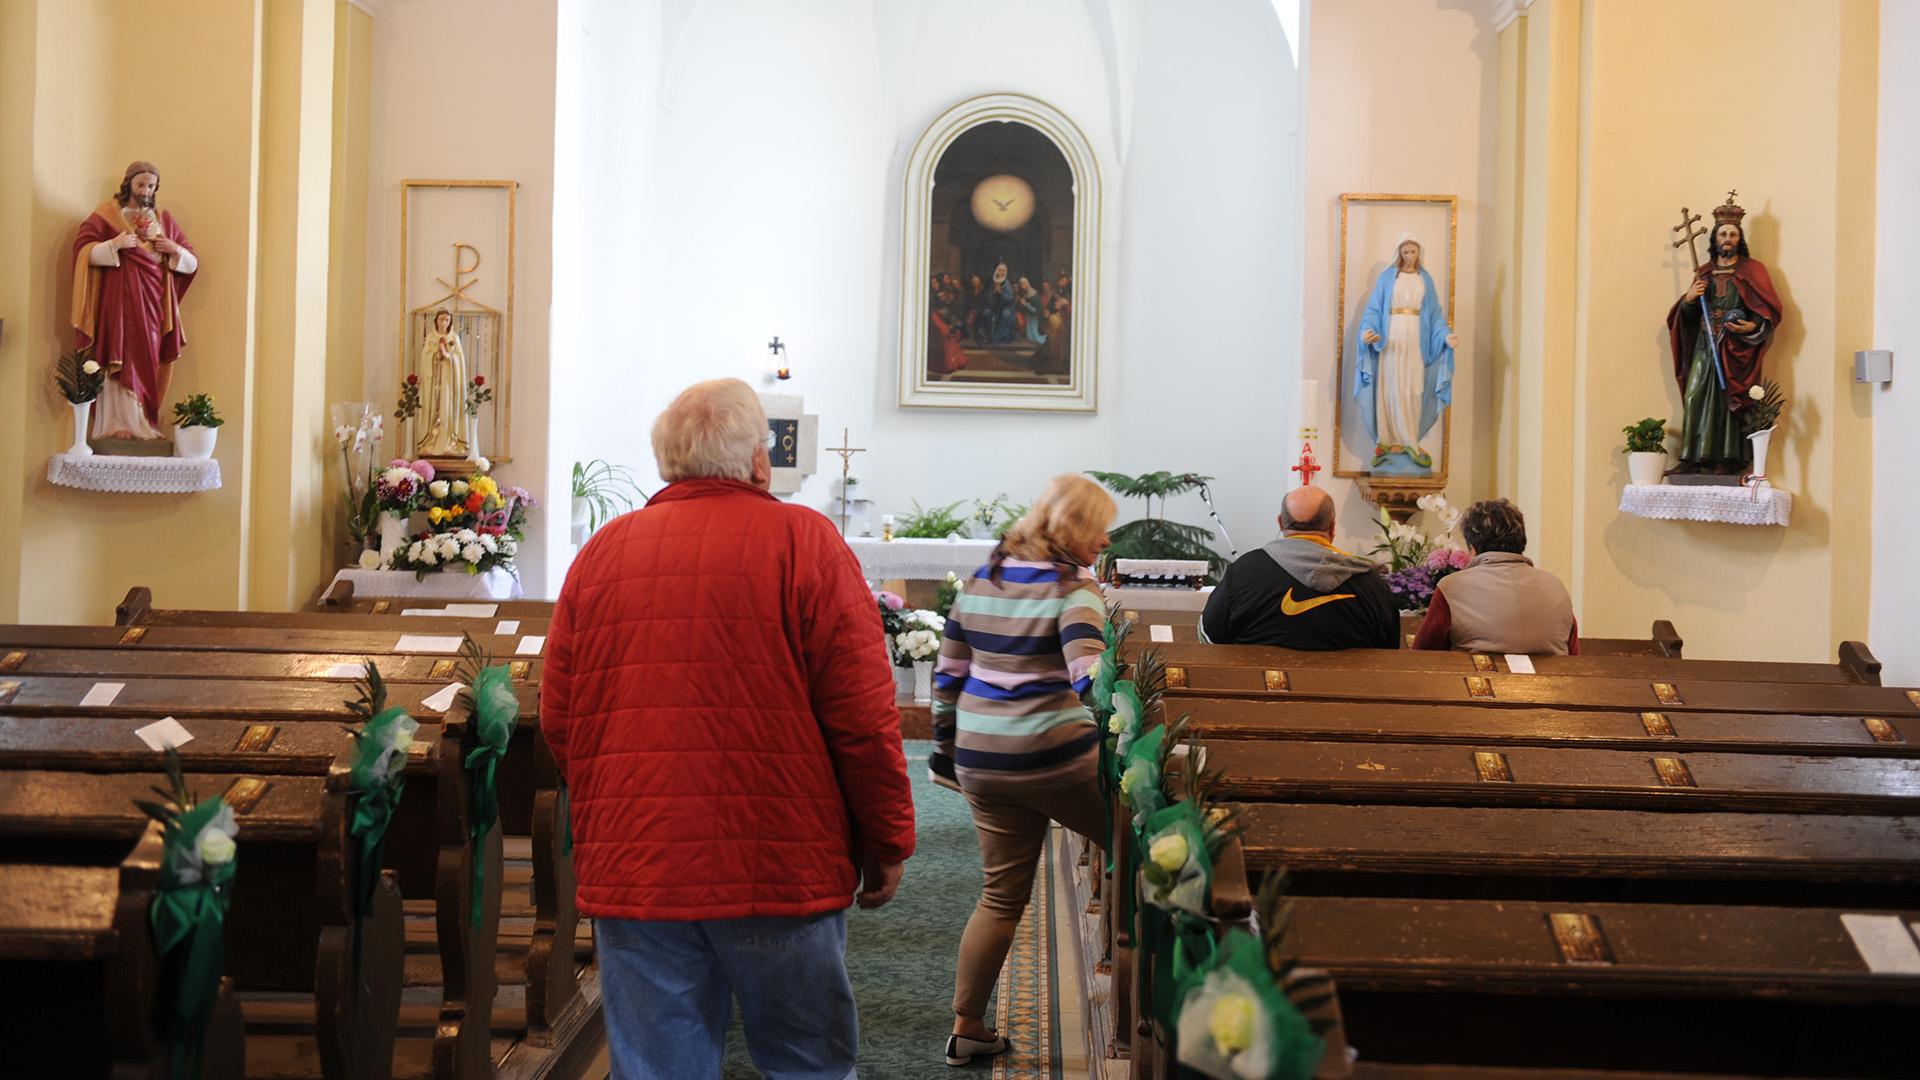 csoda daganat gyermekáldás katolikus templom meddőség pásztó riport szűz mária-szobor